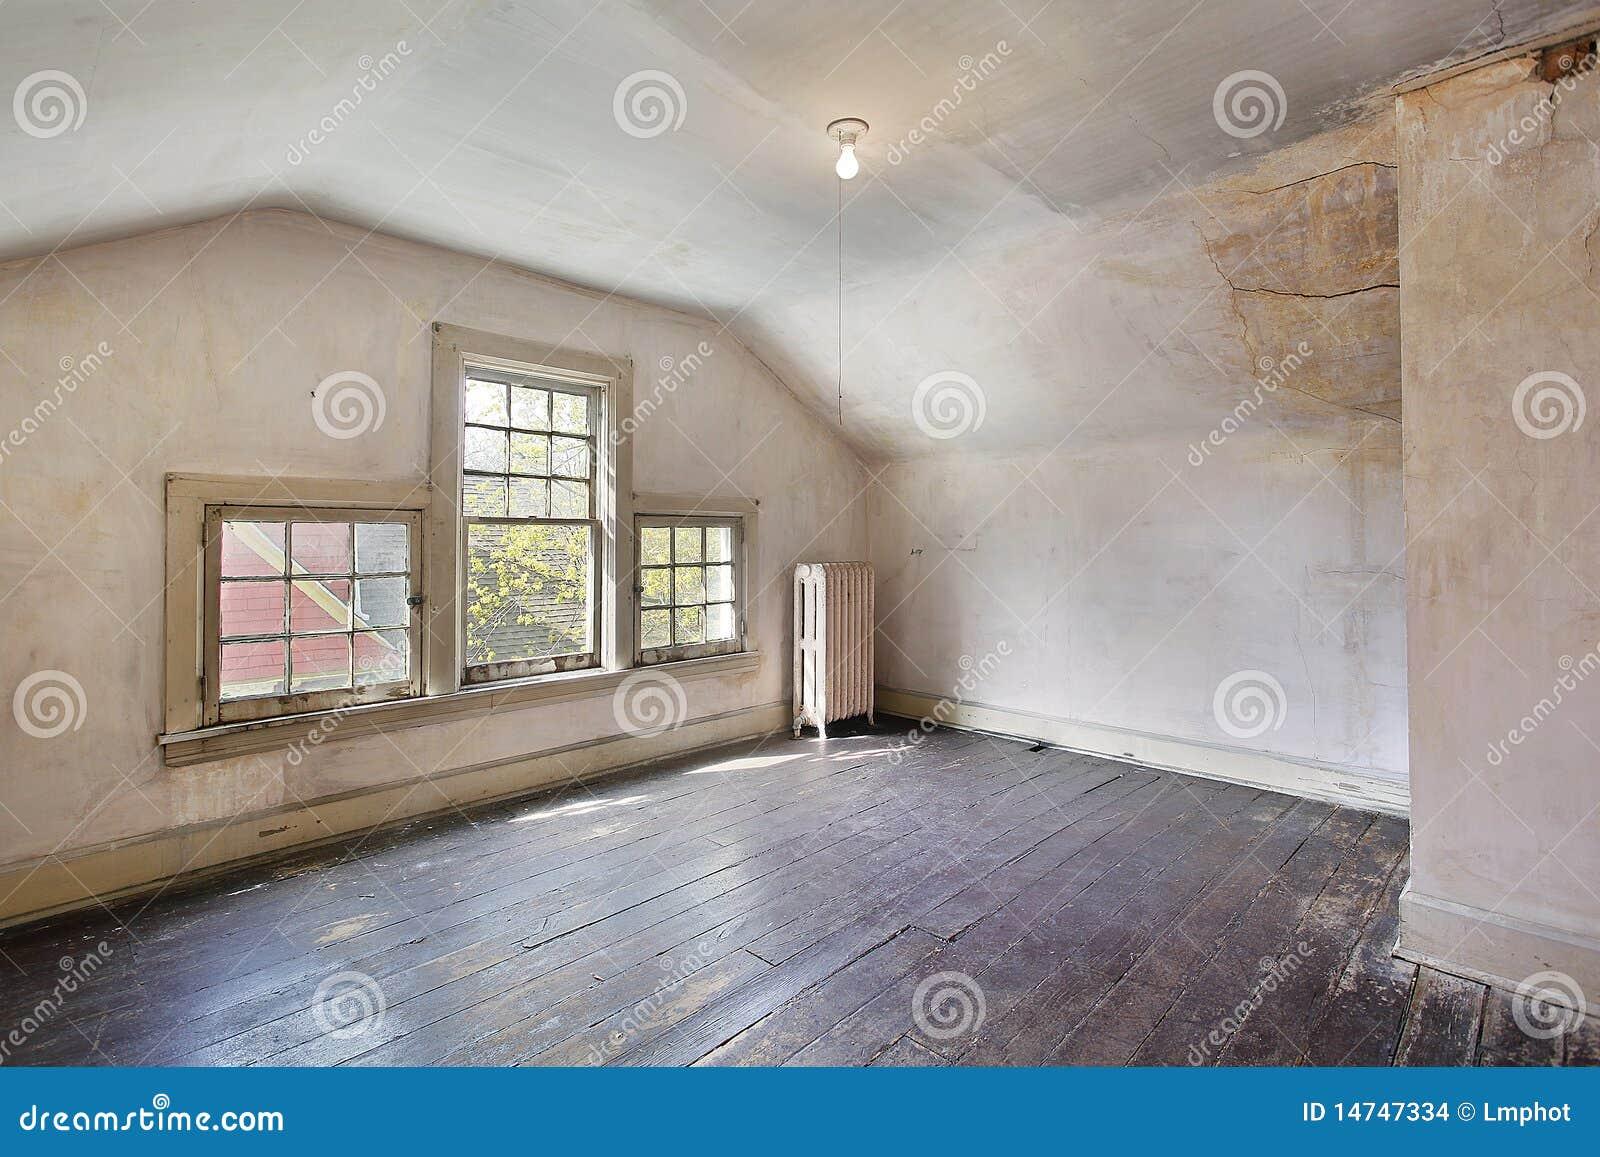 Roze Slaapkamer In Oud Verlaten Huis Stock Foto - Afbeelding ...